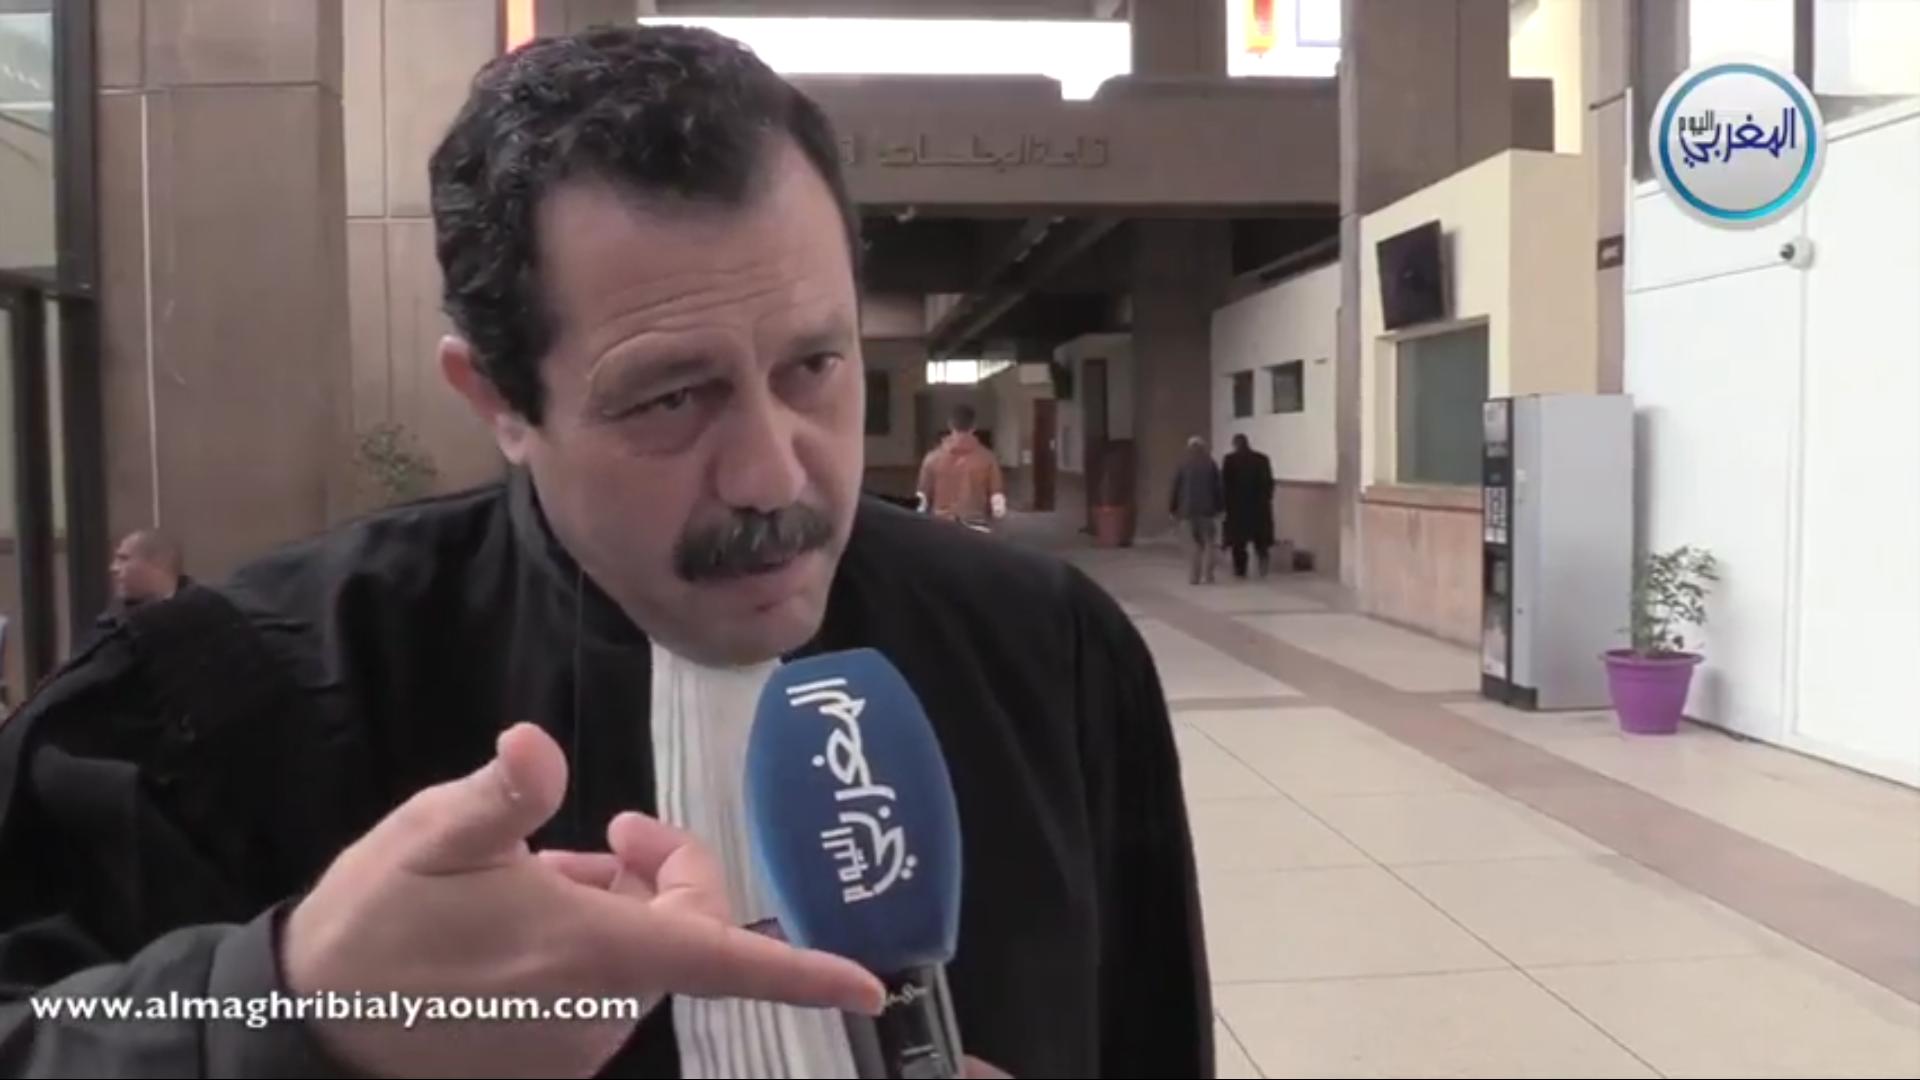 """المحامي حاجي: """"التهديد بعدم حضور أمل الهواري خرق للقانون وتحدي للمحكمة"""""""